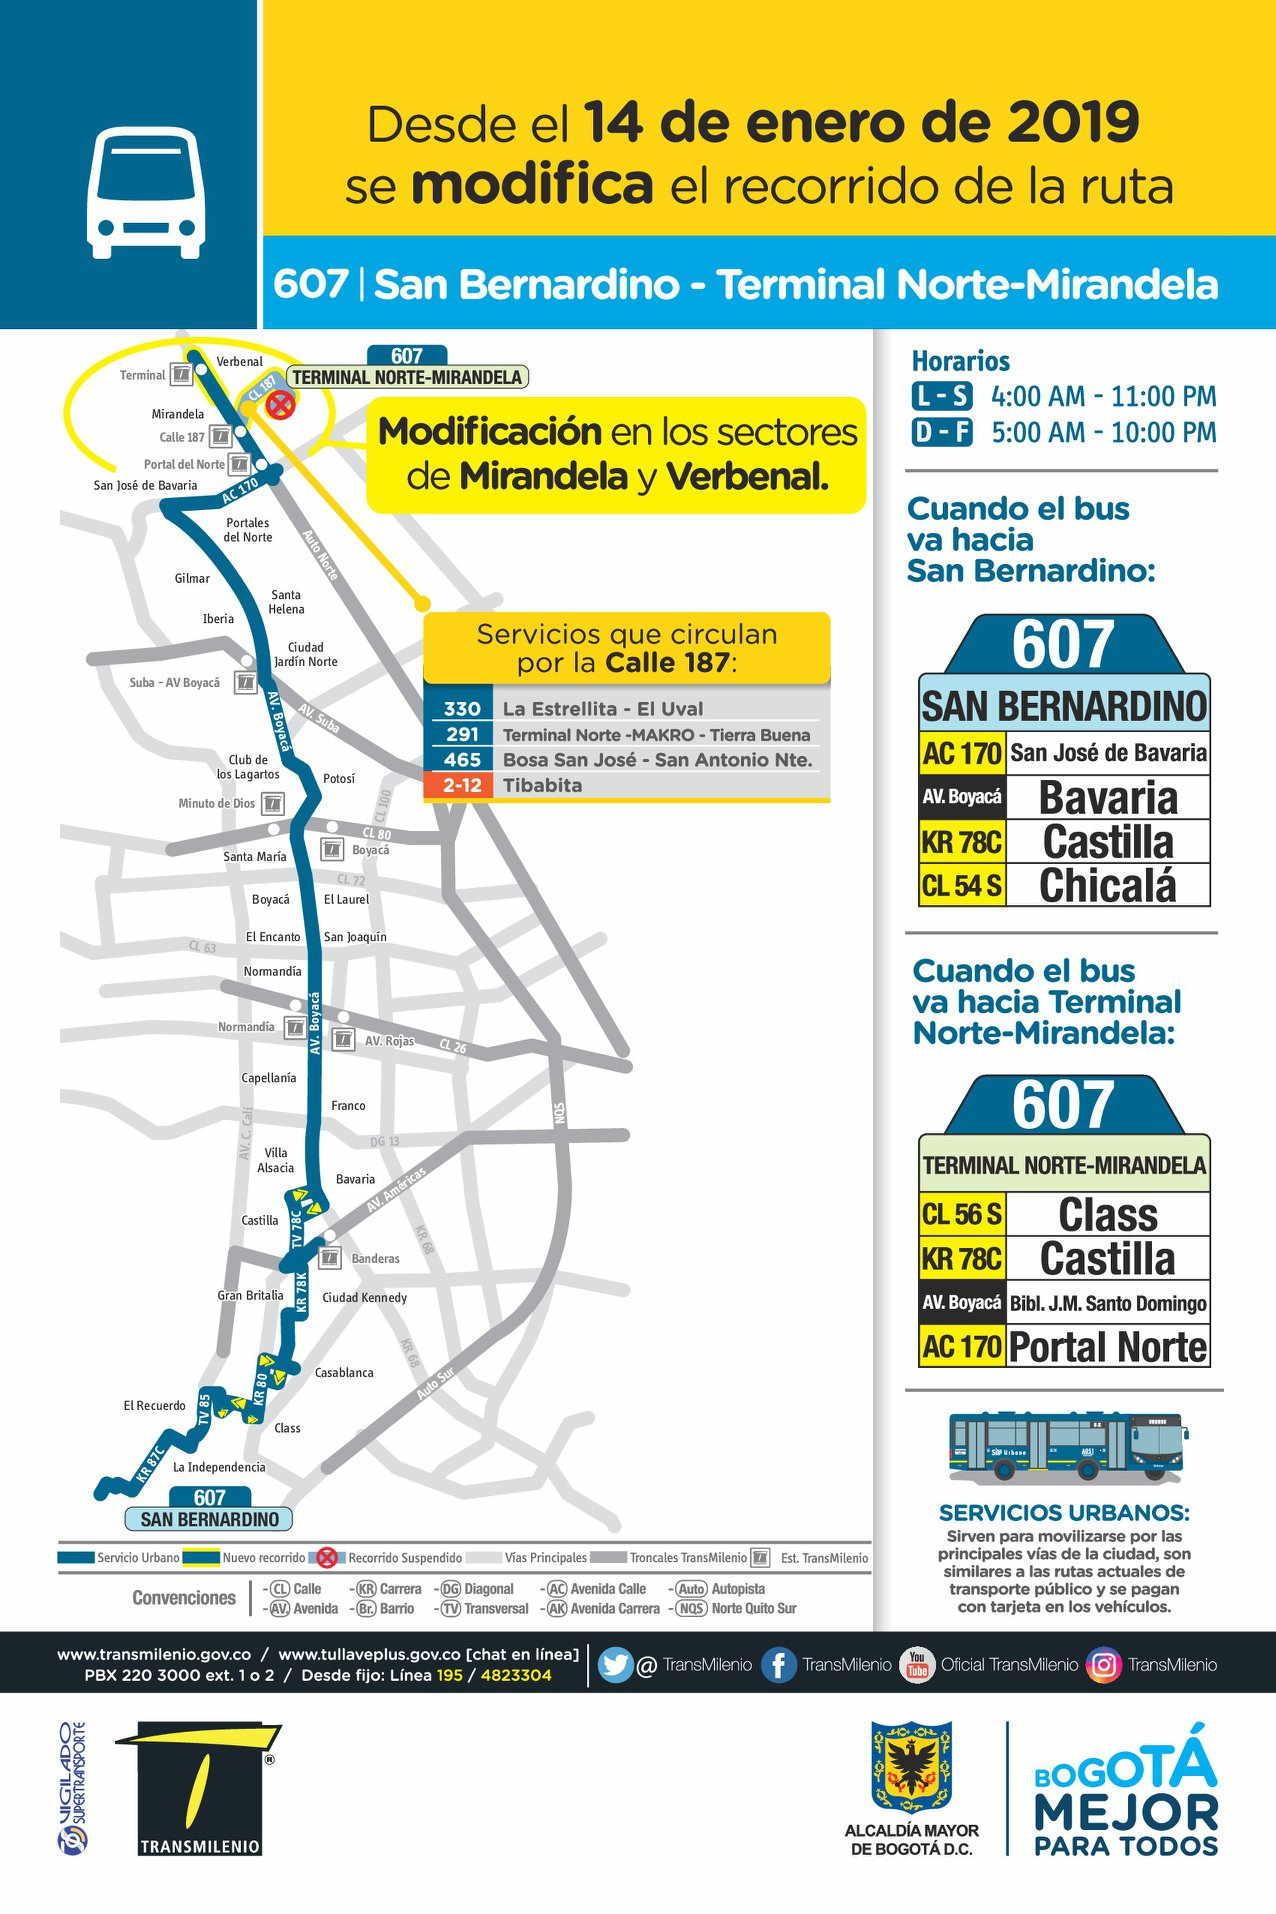 Mapa de la ruta urbana607 > San Bernardino-Terminal Norte/Mirandela